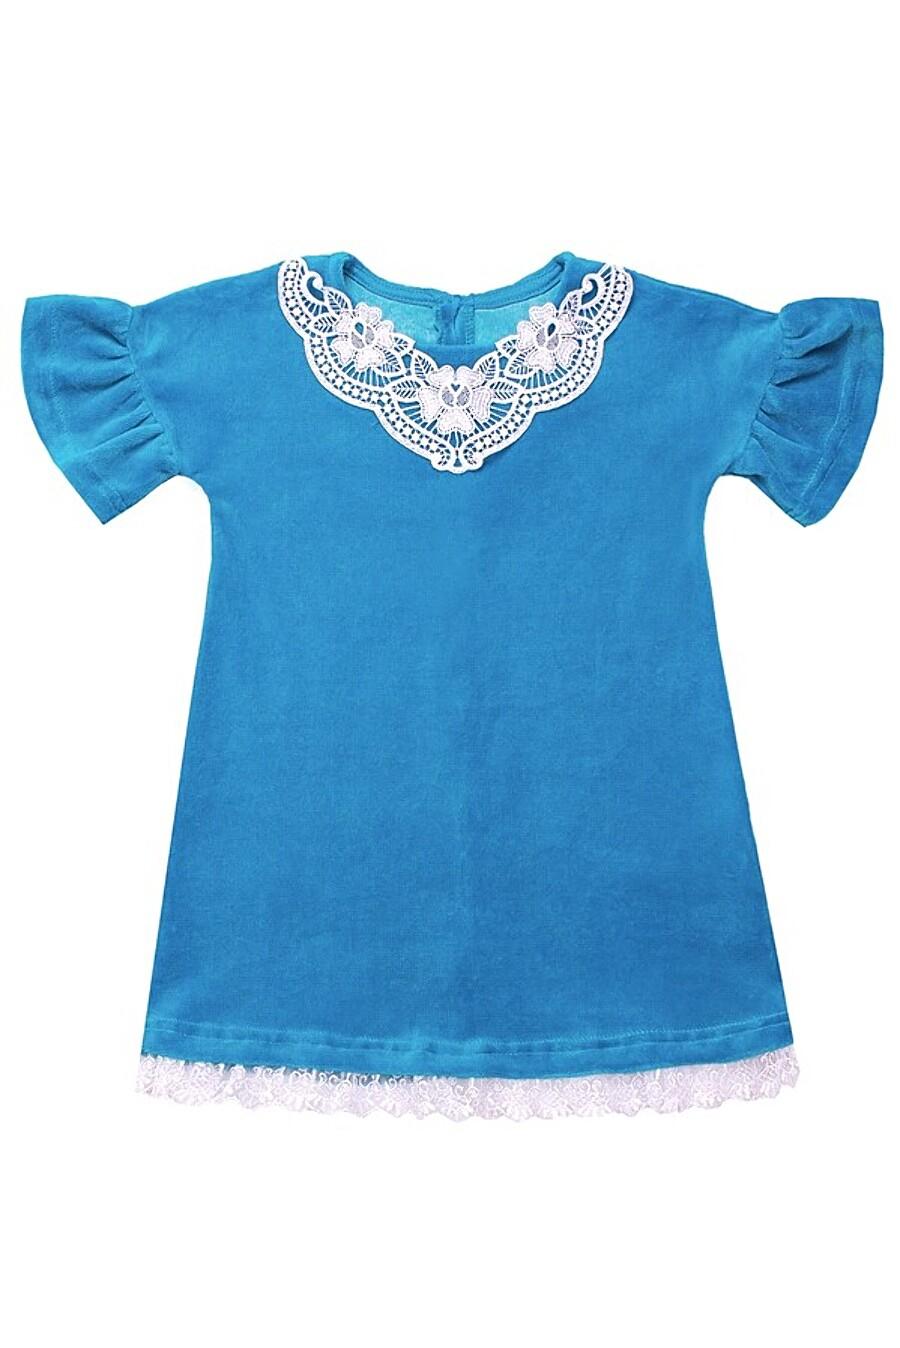 Платье для девочек Archi 261070 купить оптом от производителя. Совместная покупка детской одежды в OptMoyo